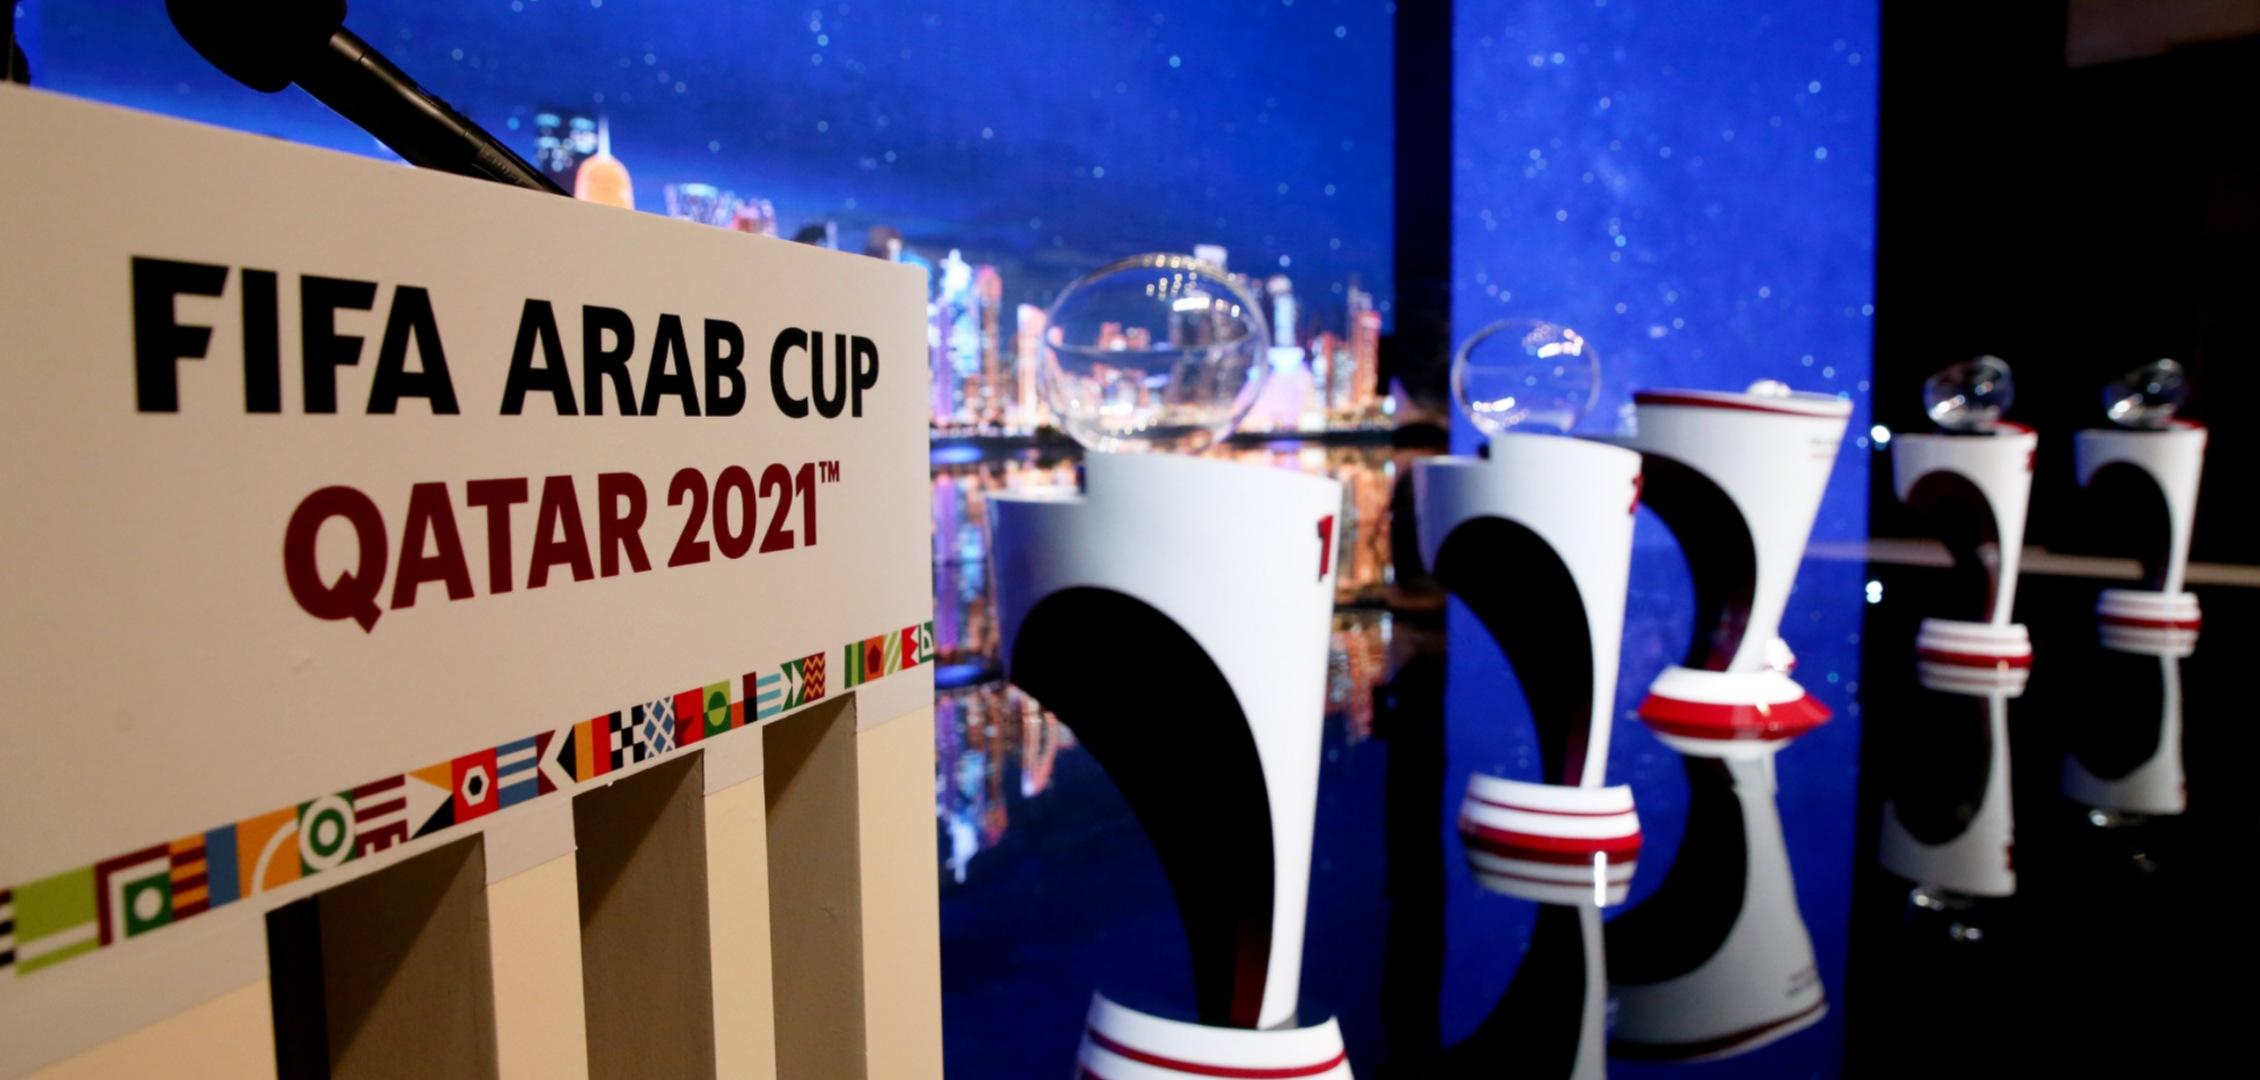 الكشف عن مجموعات بطولة كأس العرب قطر 2021